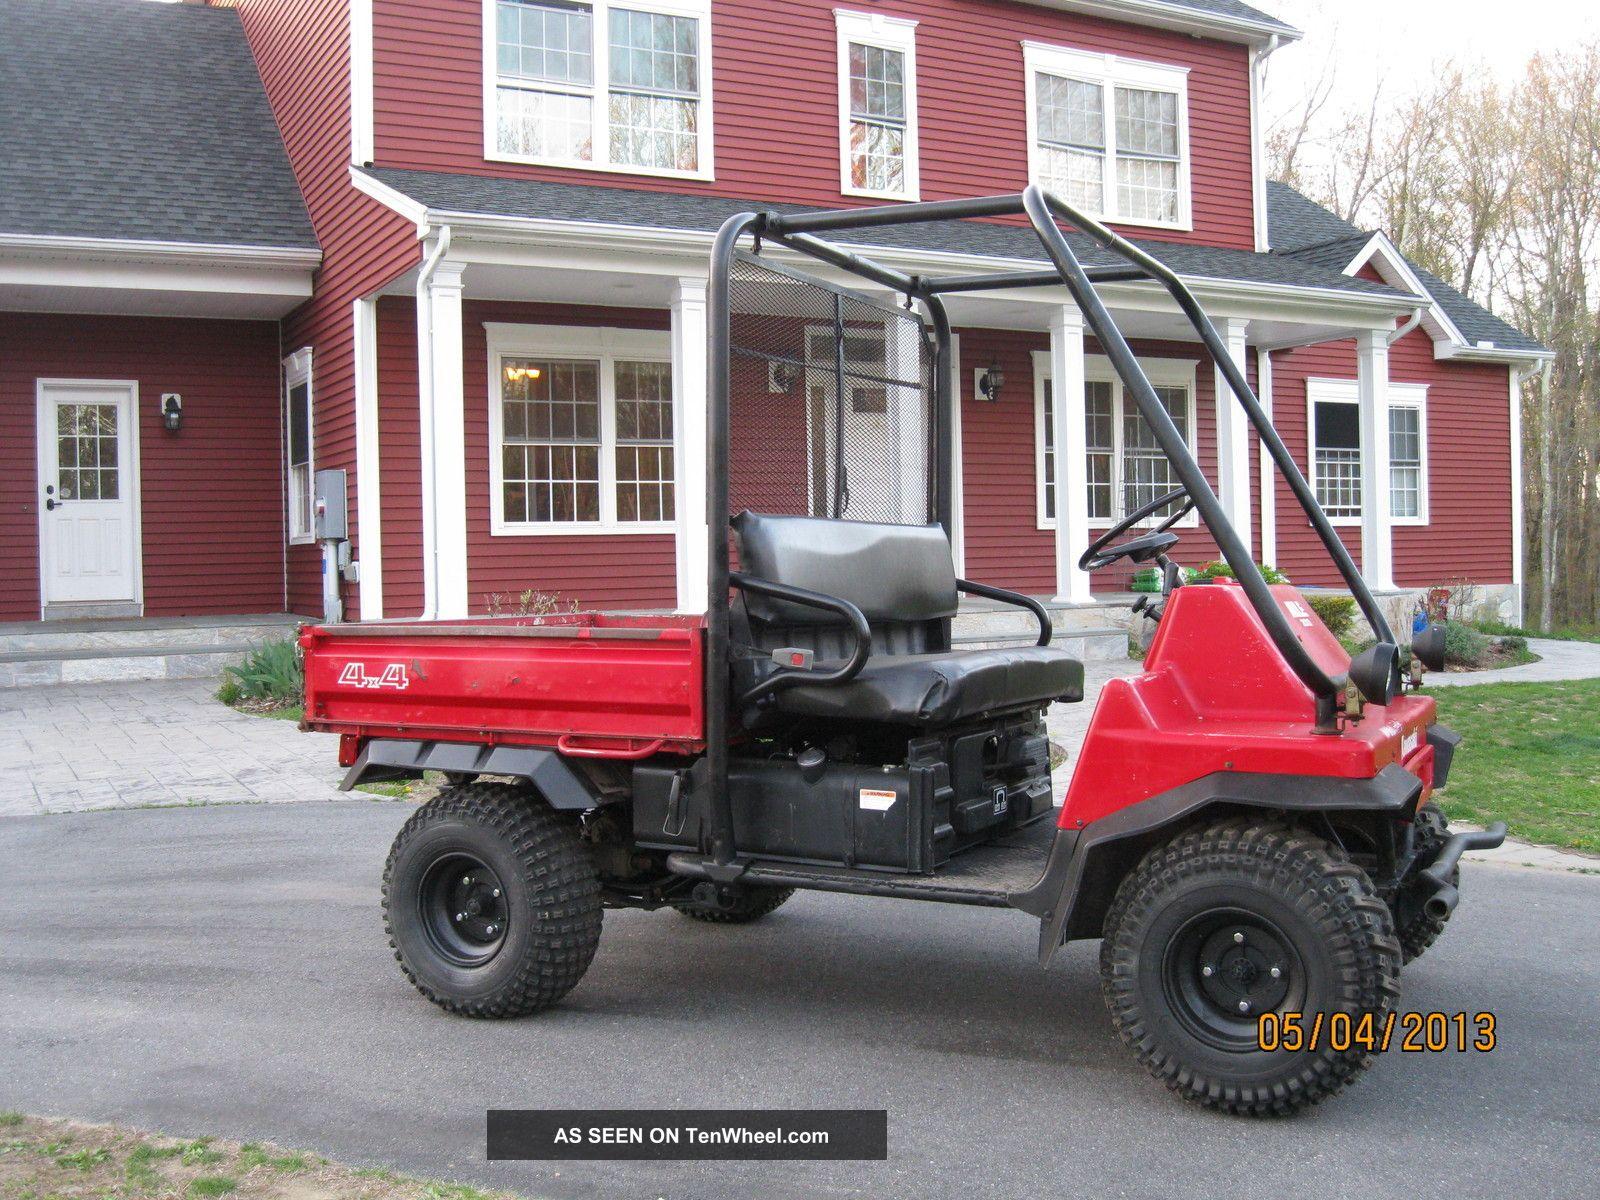 1990 Kawasaki 4x4 Mule 2010 Great Work Utv Kawasaki photo